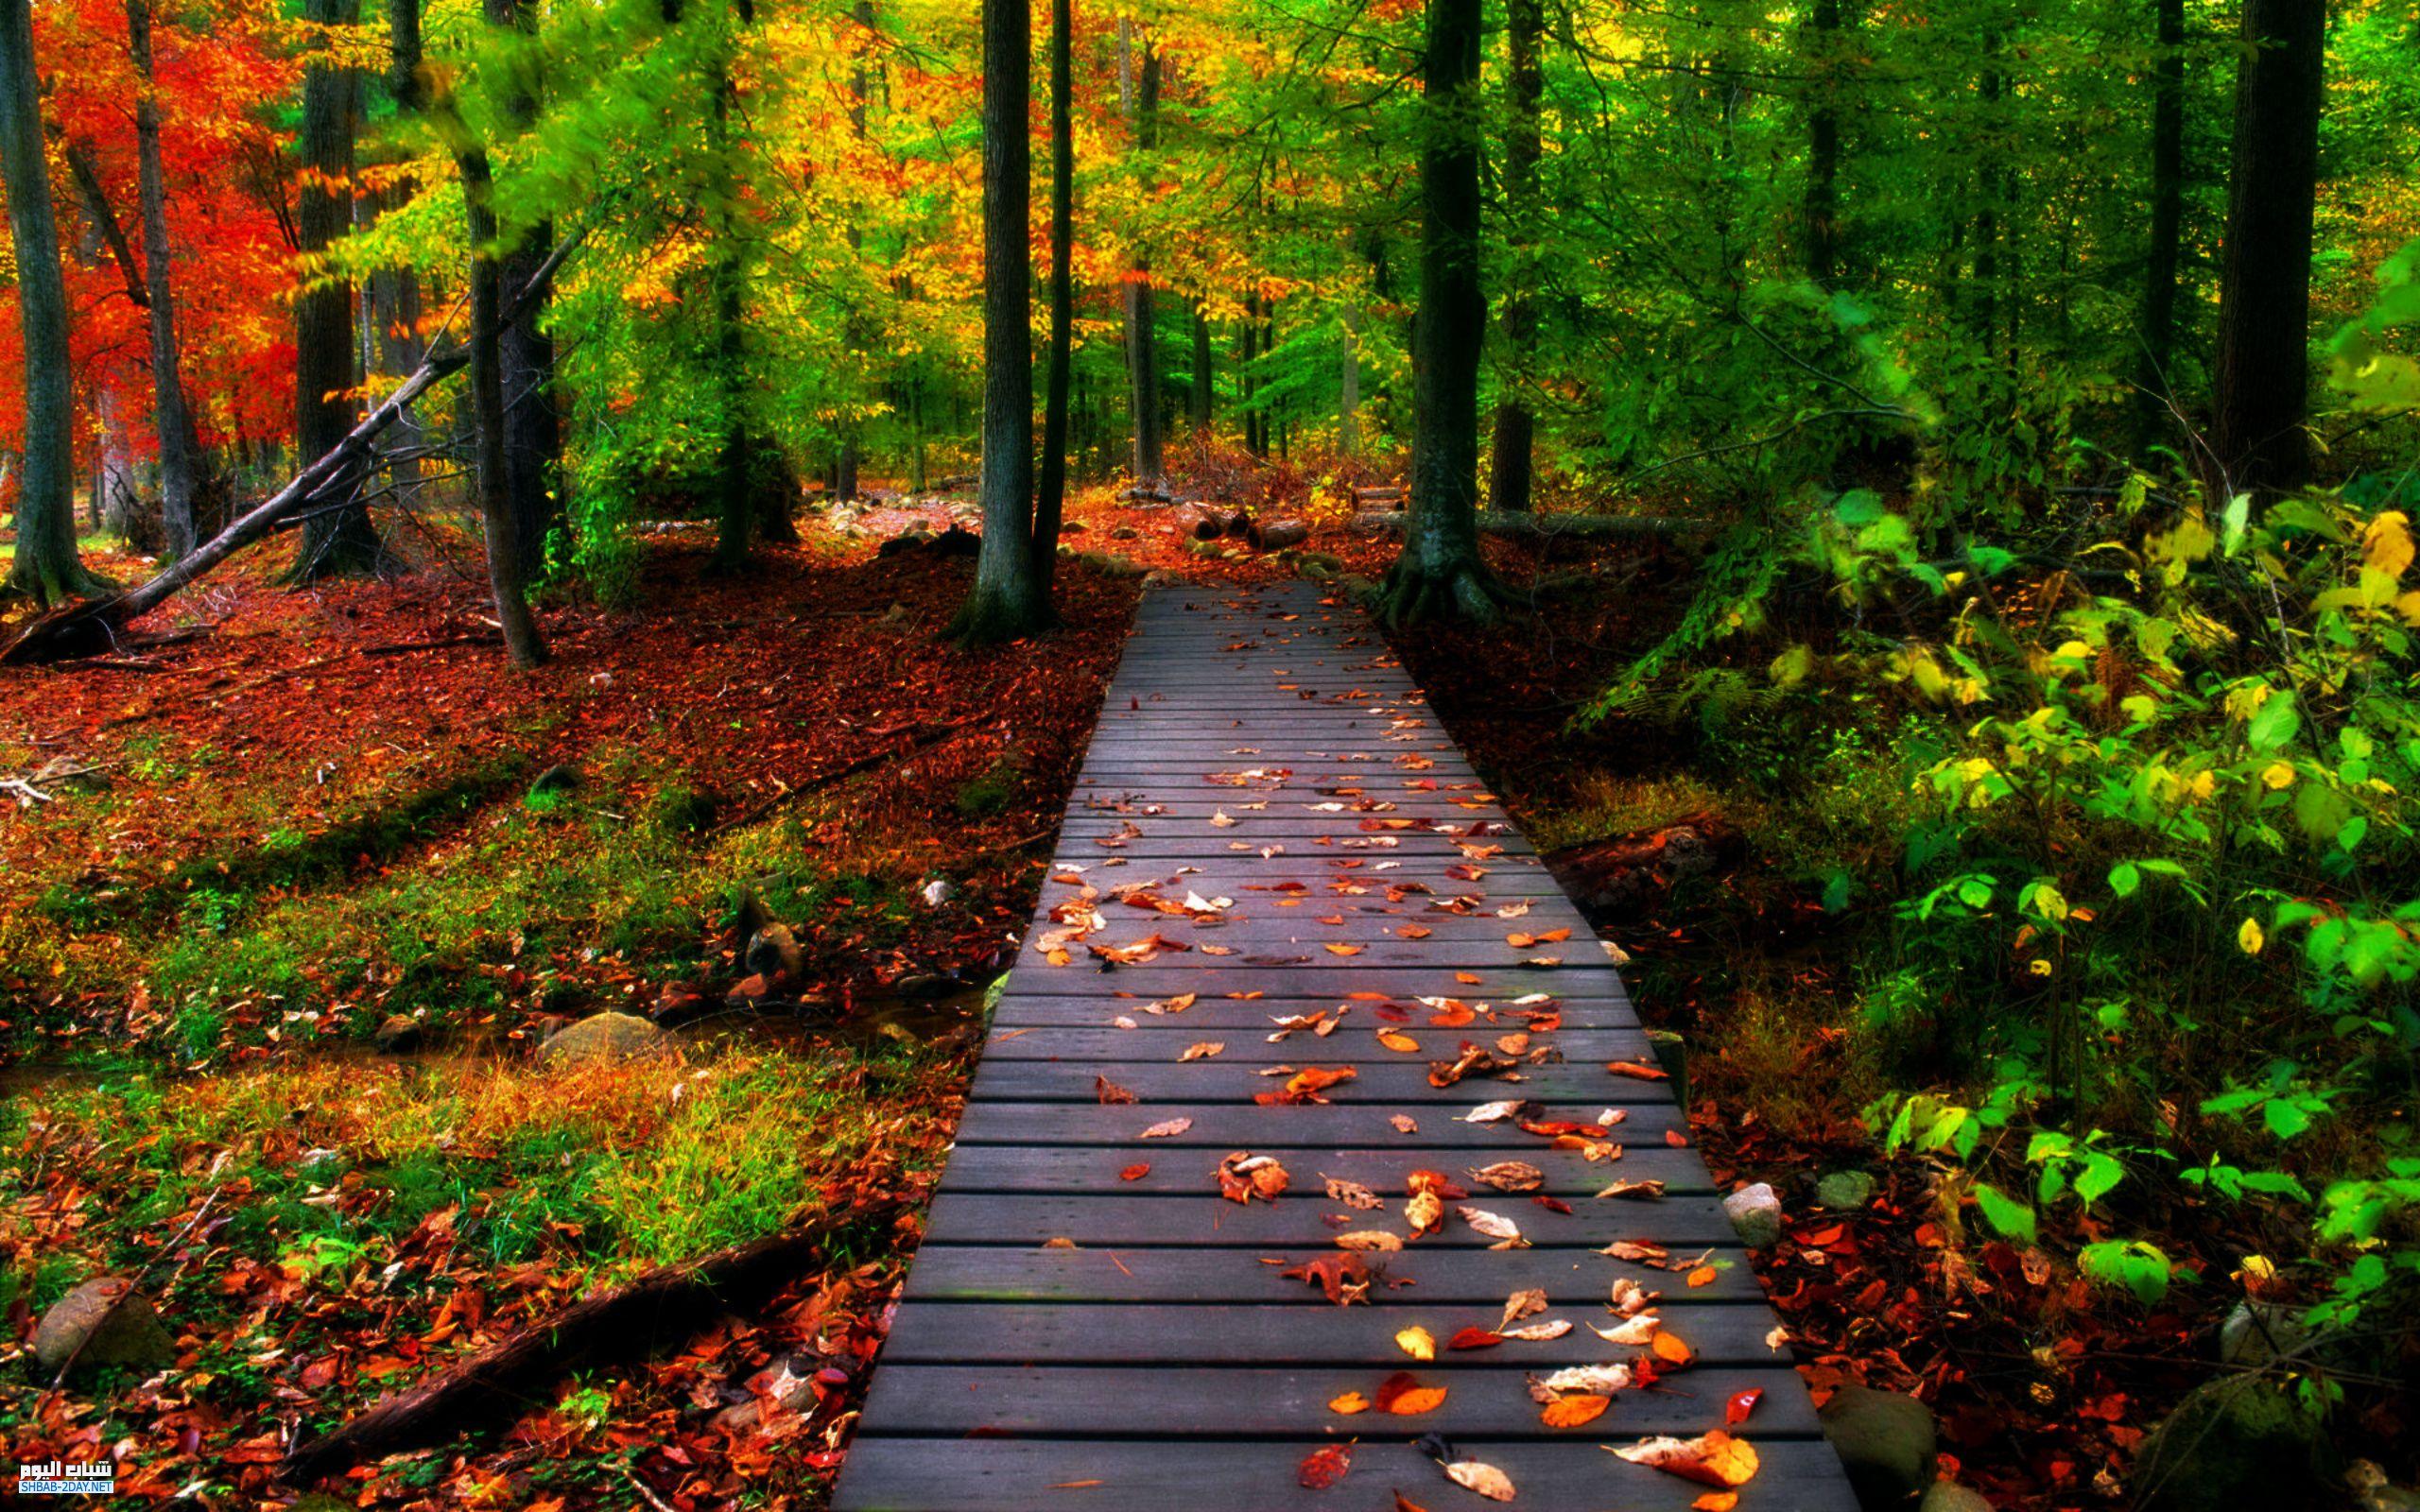 بالصور صور من الطبيعة , اجمل صور عن الطبيعة 3495 4